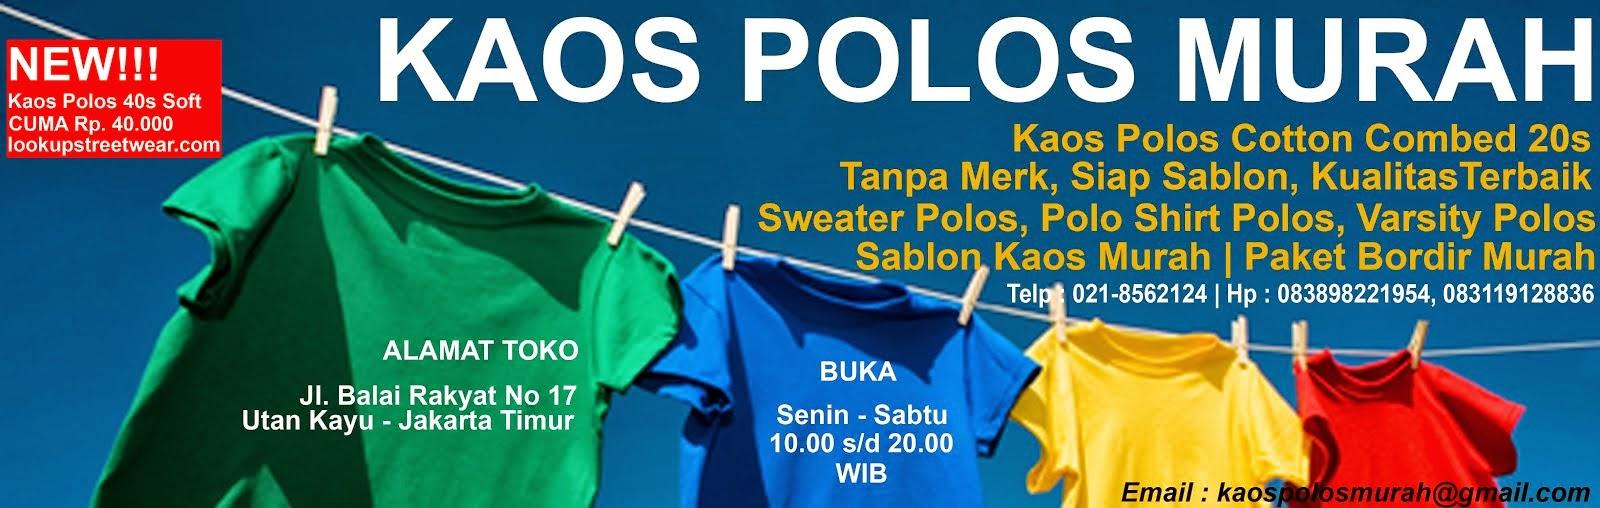 Kpm Kaos Polos Murah Supplier Combed Sablon Size M Cotton 20s